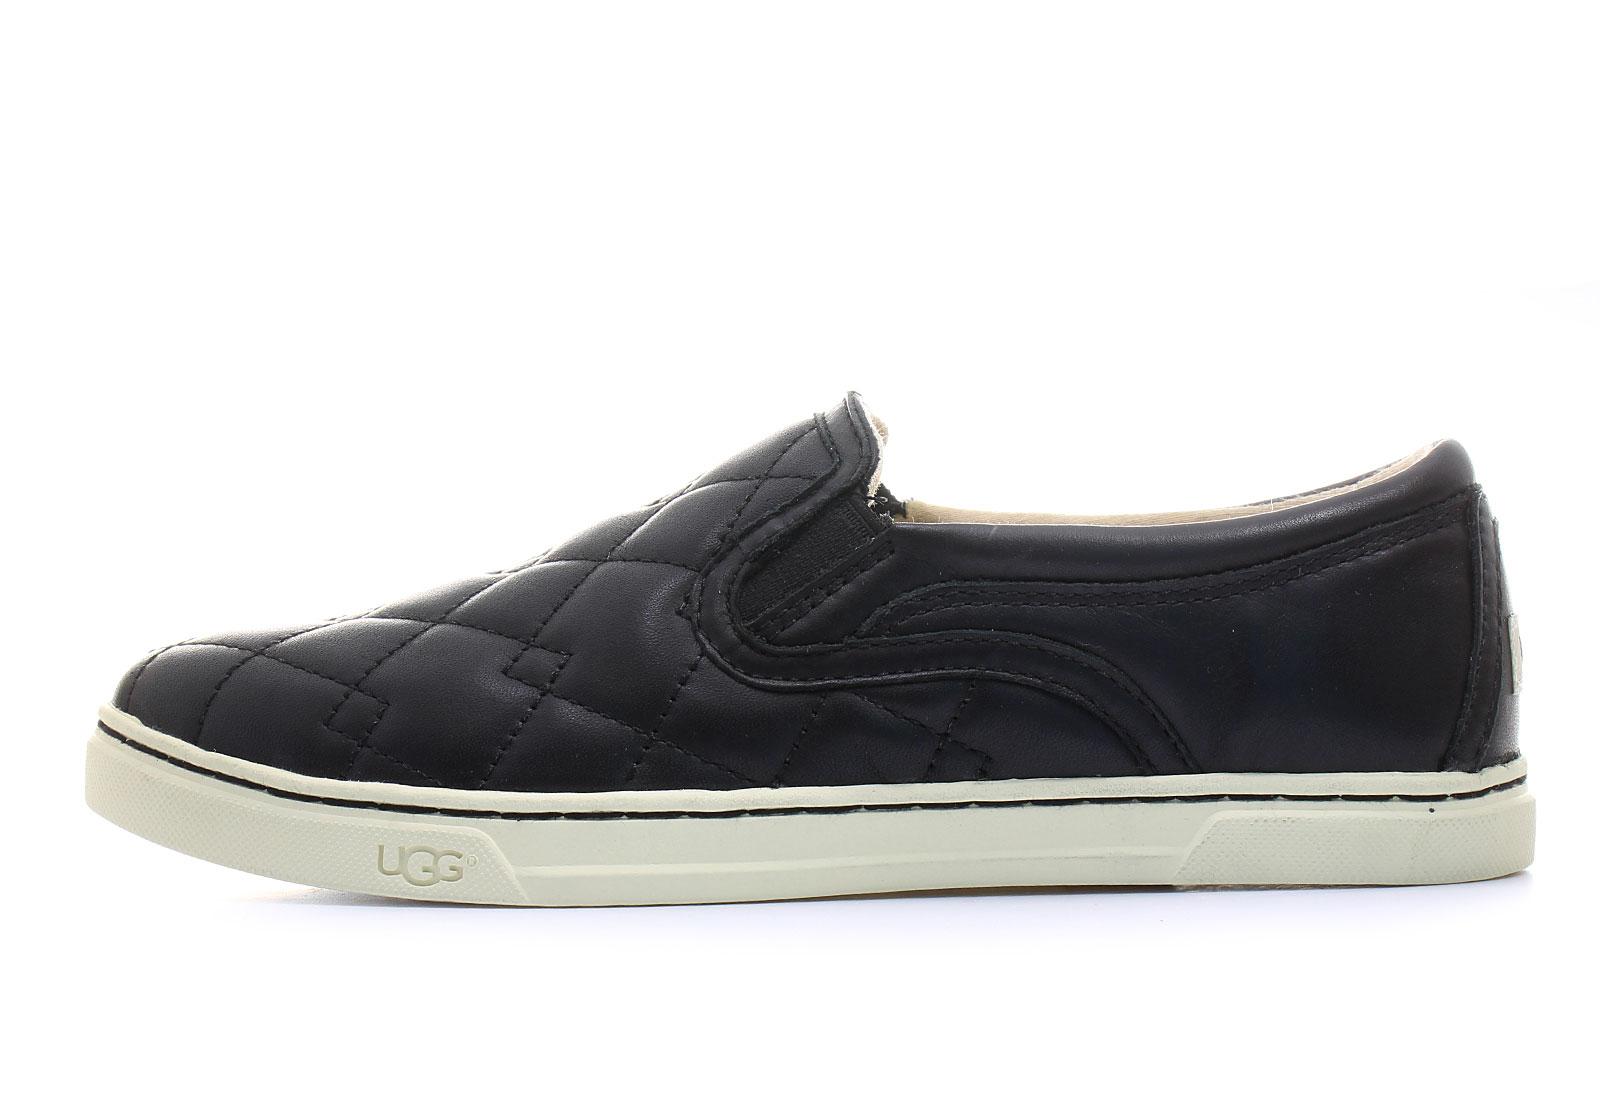 Ugg Shoes Fierce Deco Quilt 1014369 Blk Online Shop